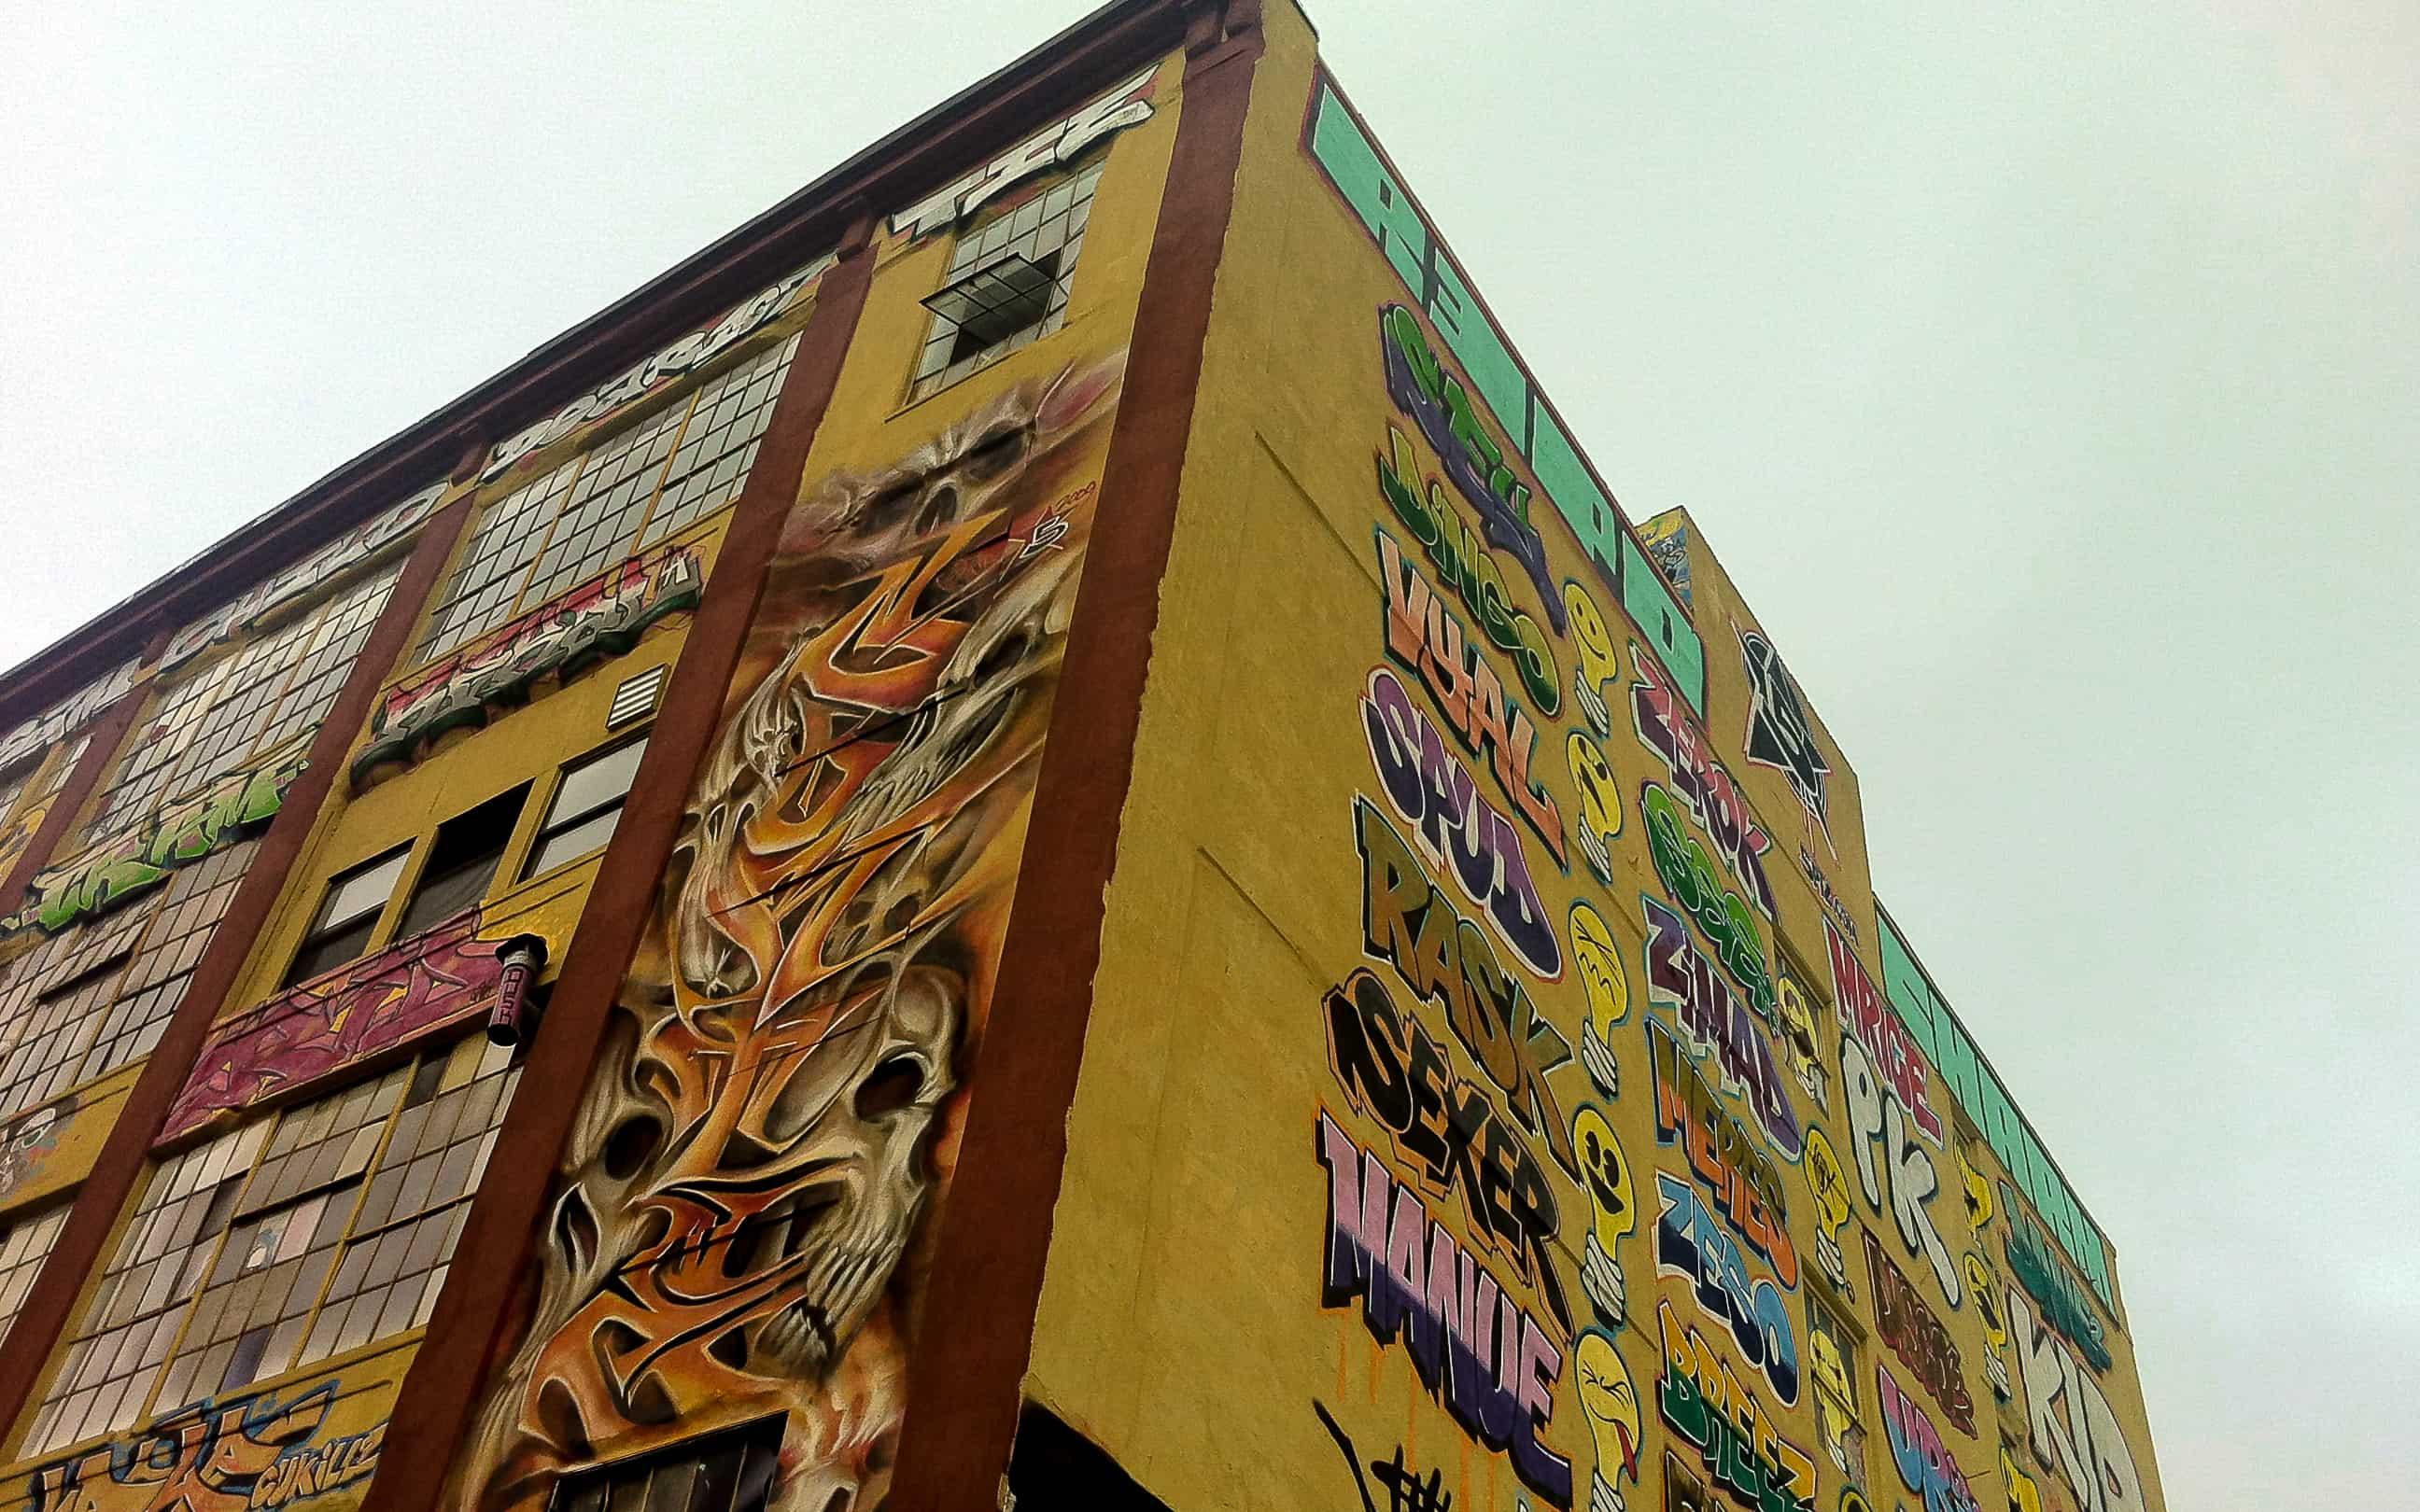 5Pointz, a 'Meca do grafitti' em Nova York